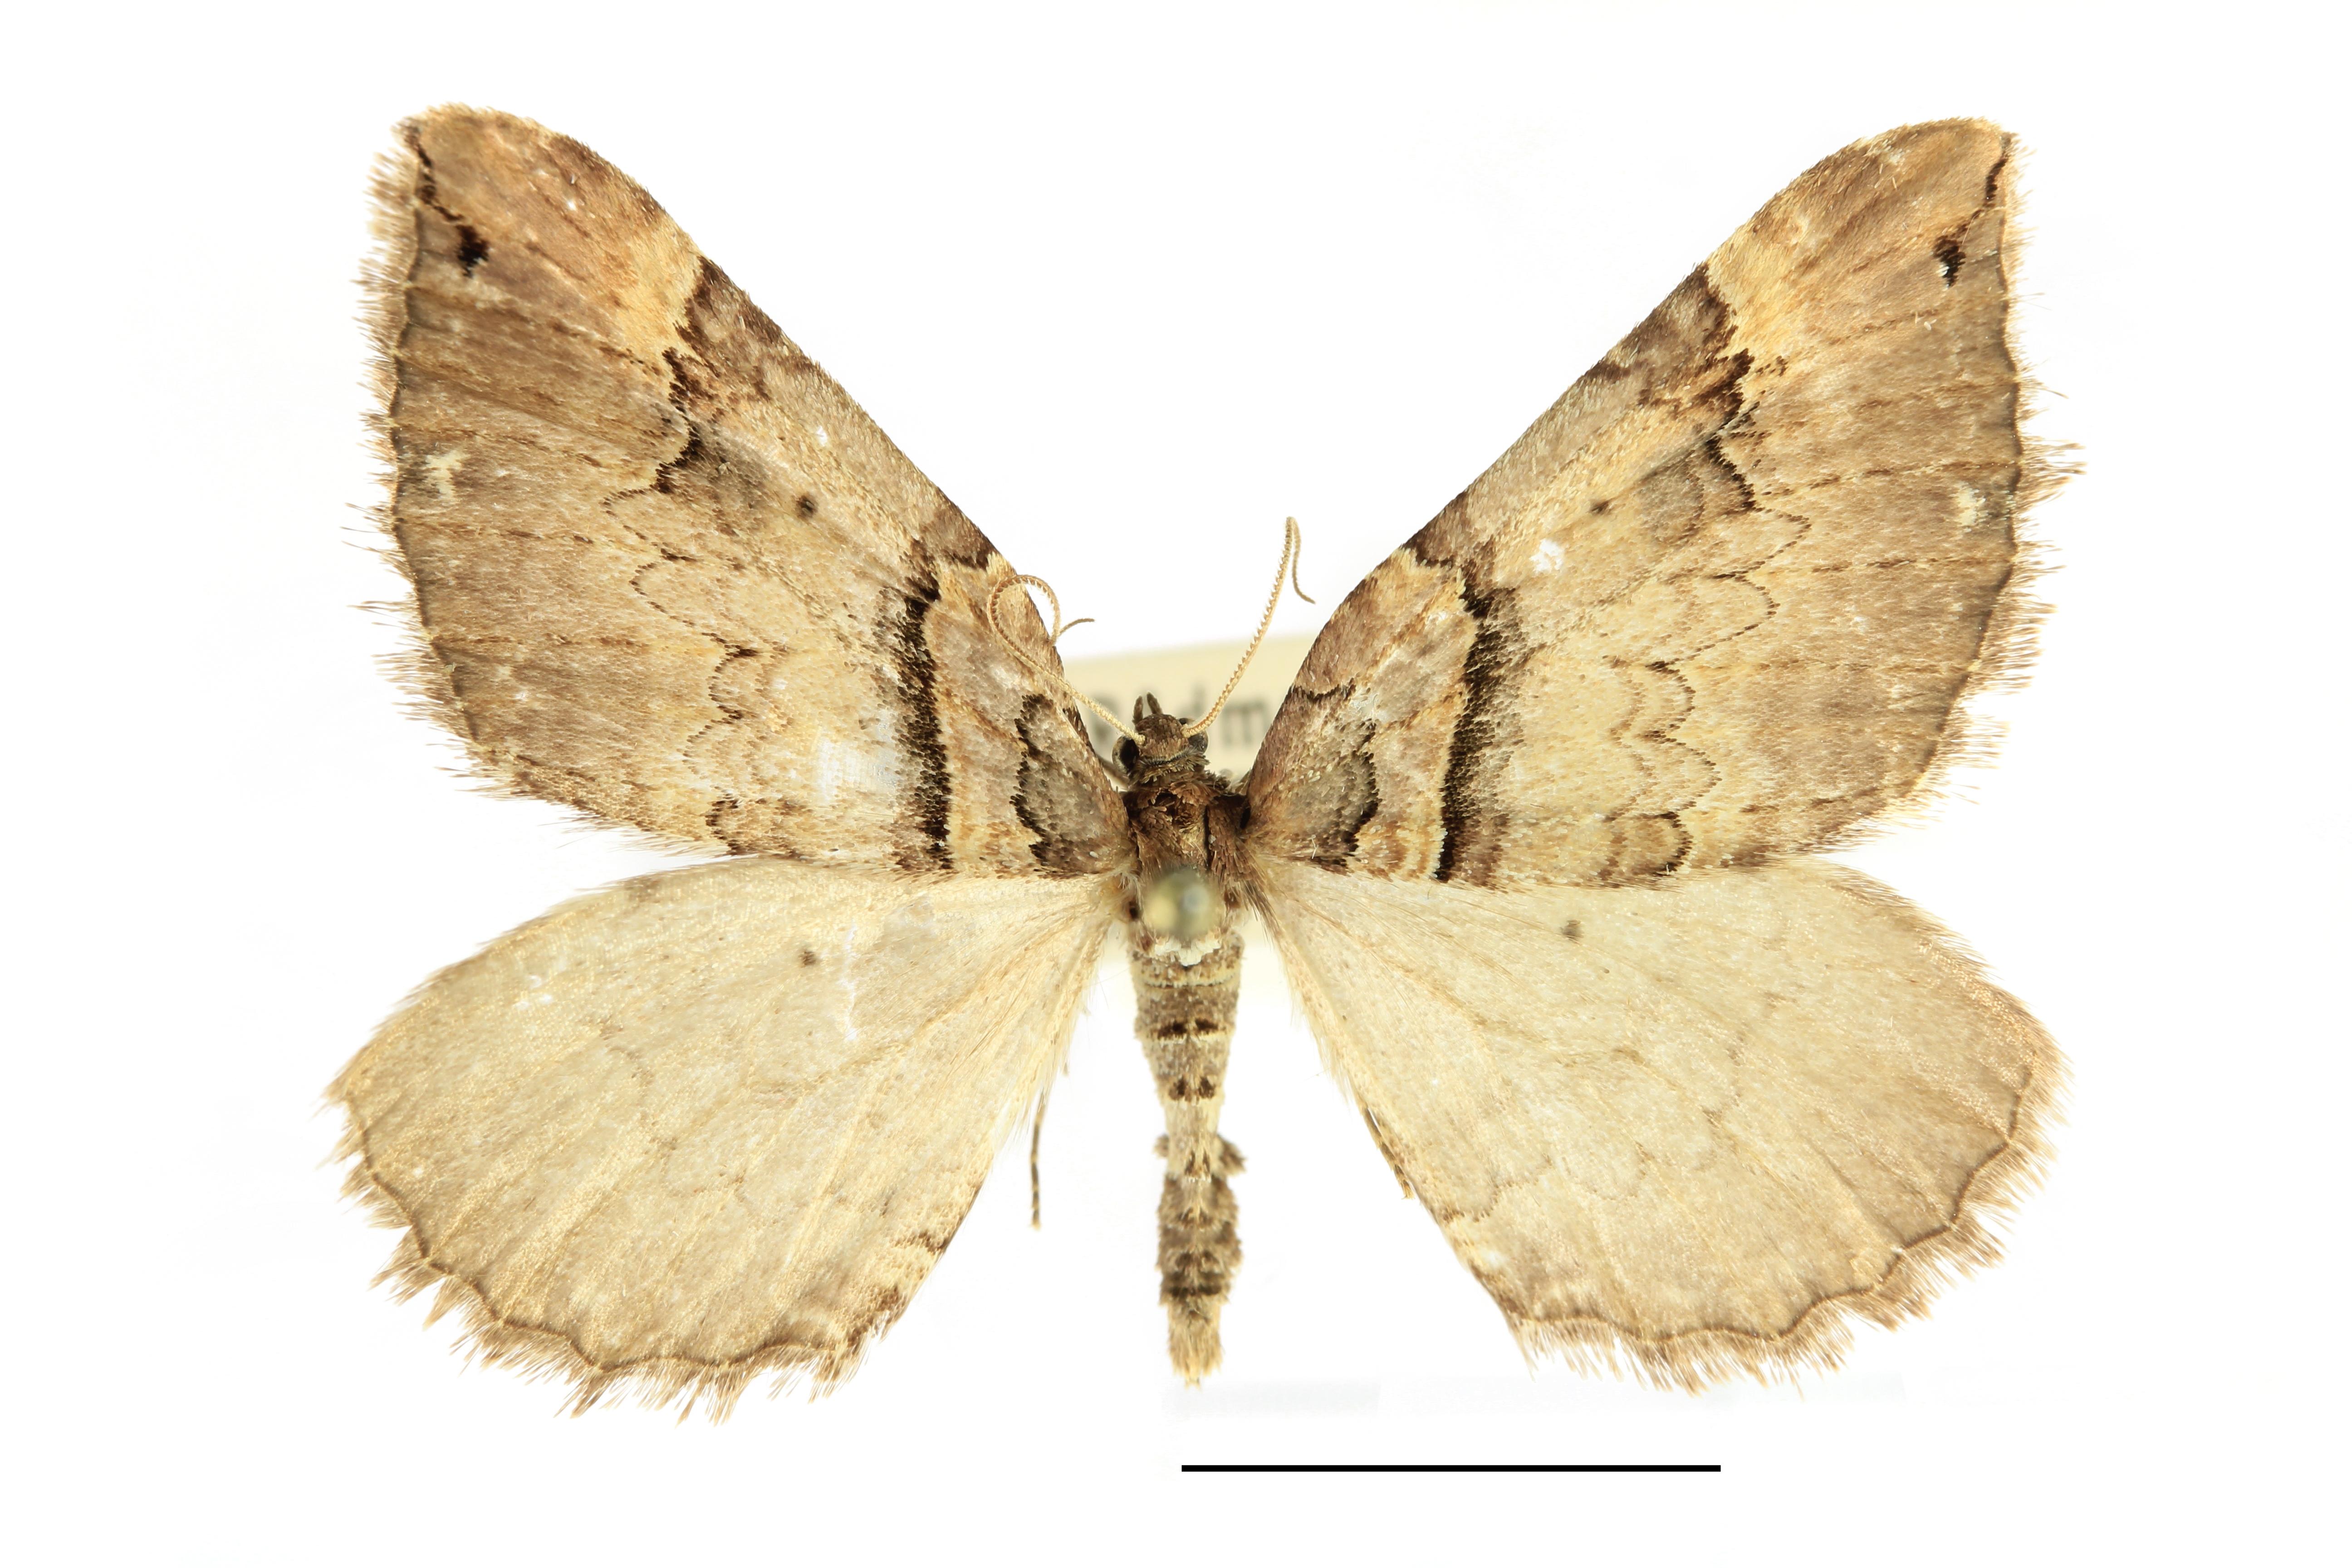 Image of Shoulder-stripe